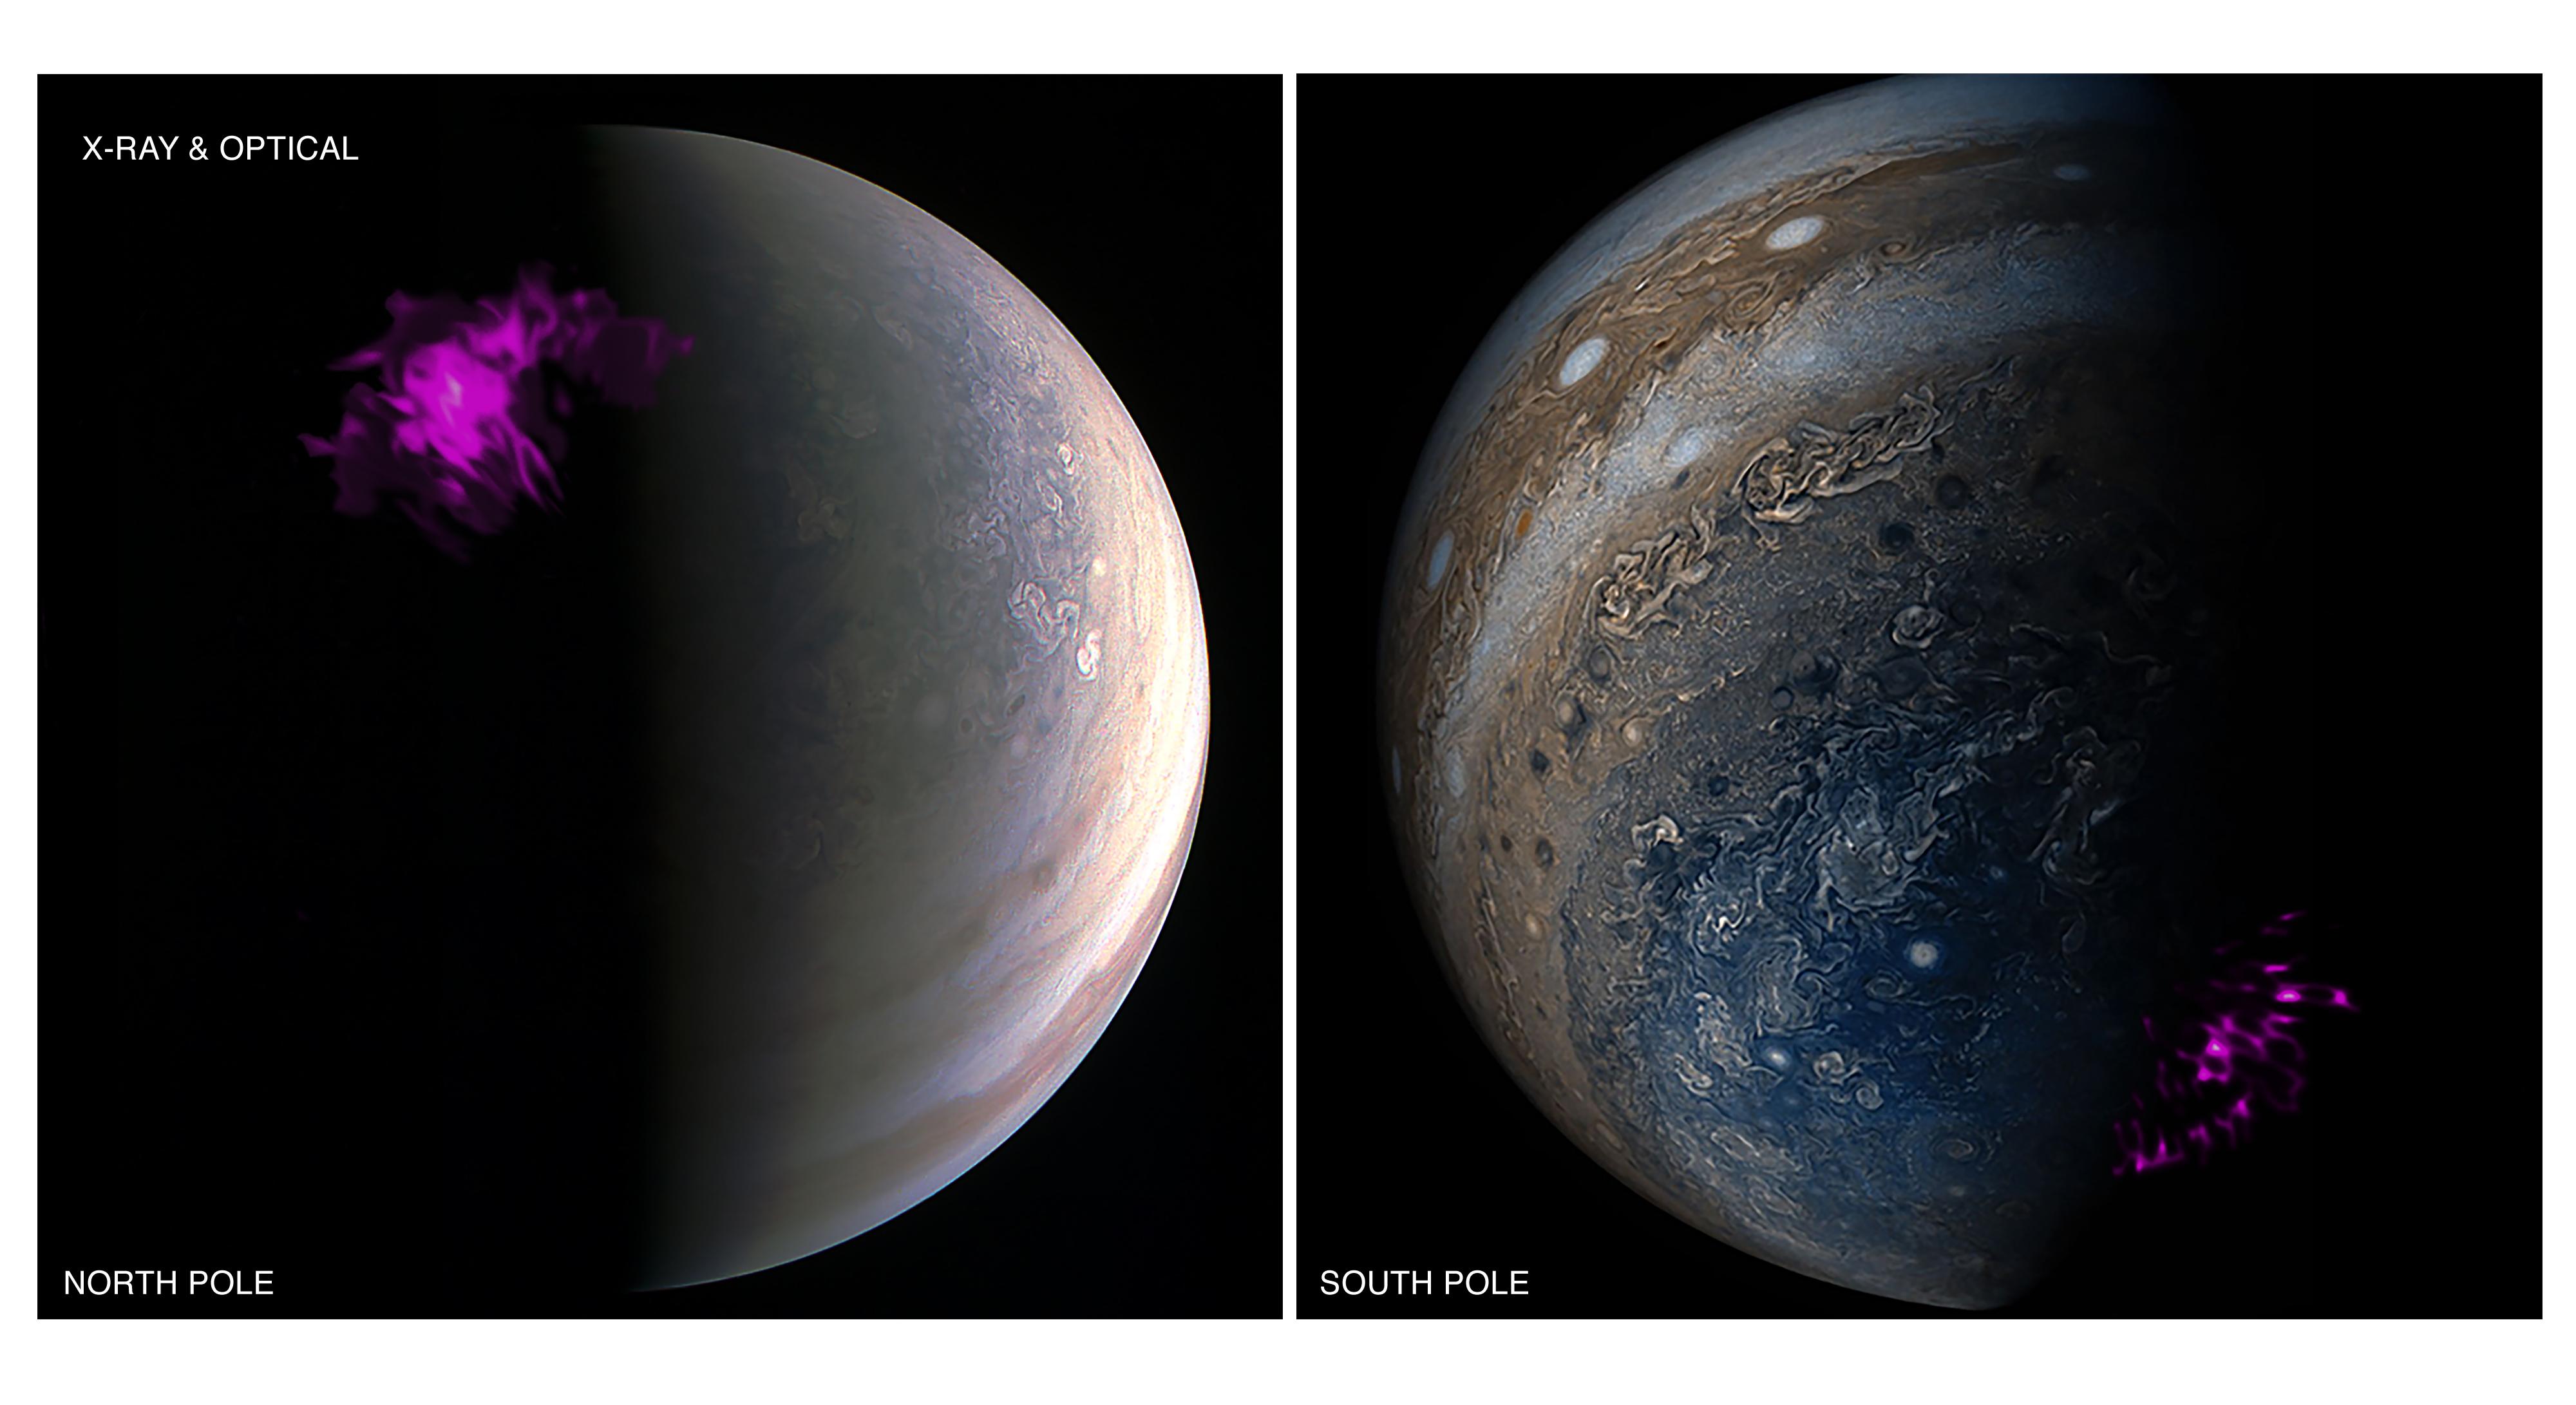 Aurora de rayos X sobre los polos de Júpiter